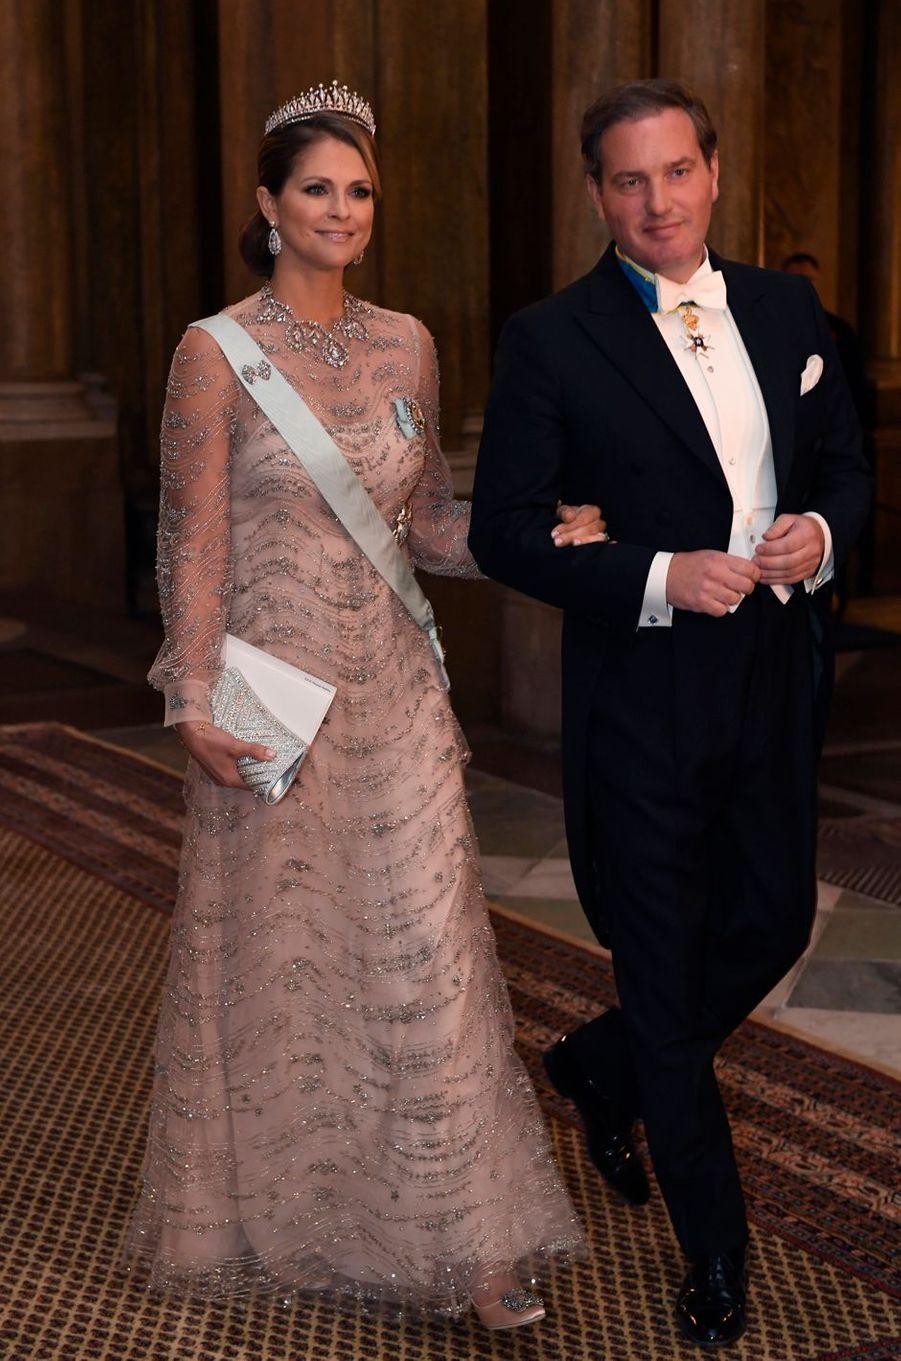 La princesse Madeleine de Suède et Christopher O'Neill au Palais royal à Stockholm, le 11 décembre 2016